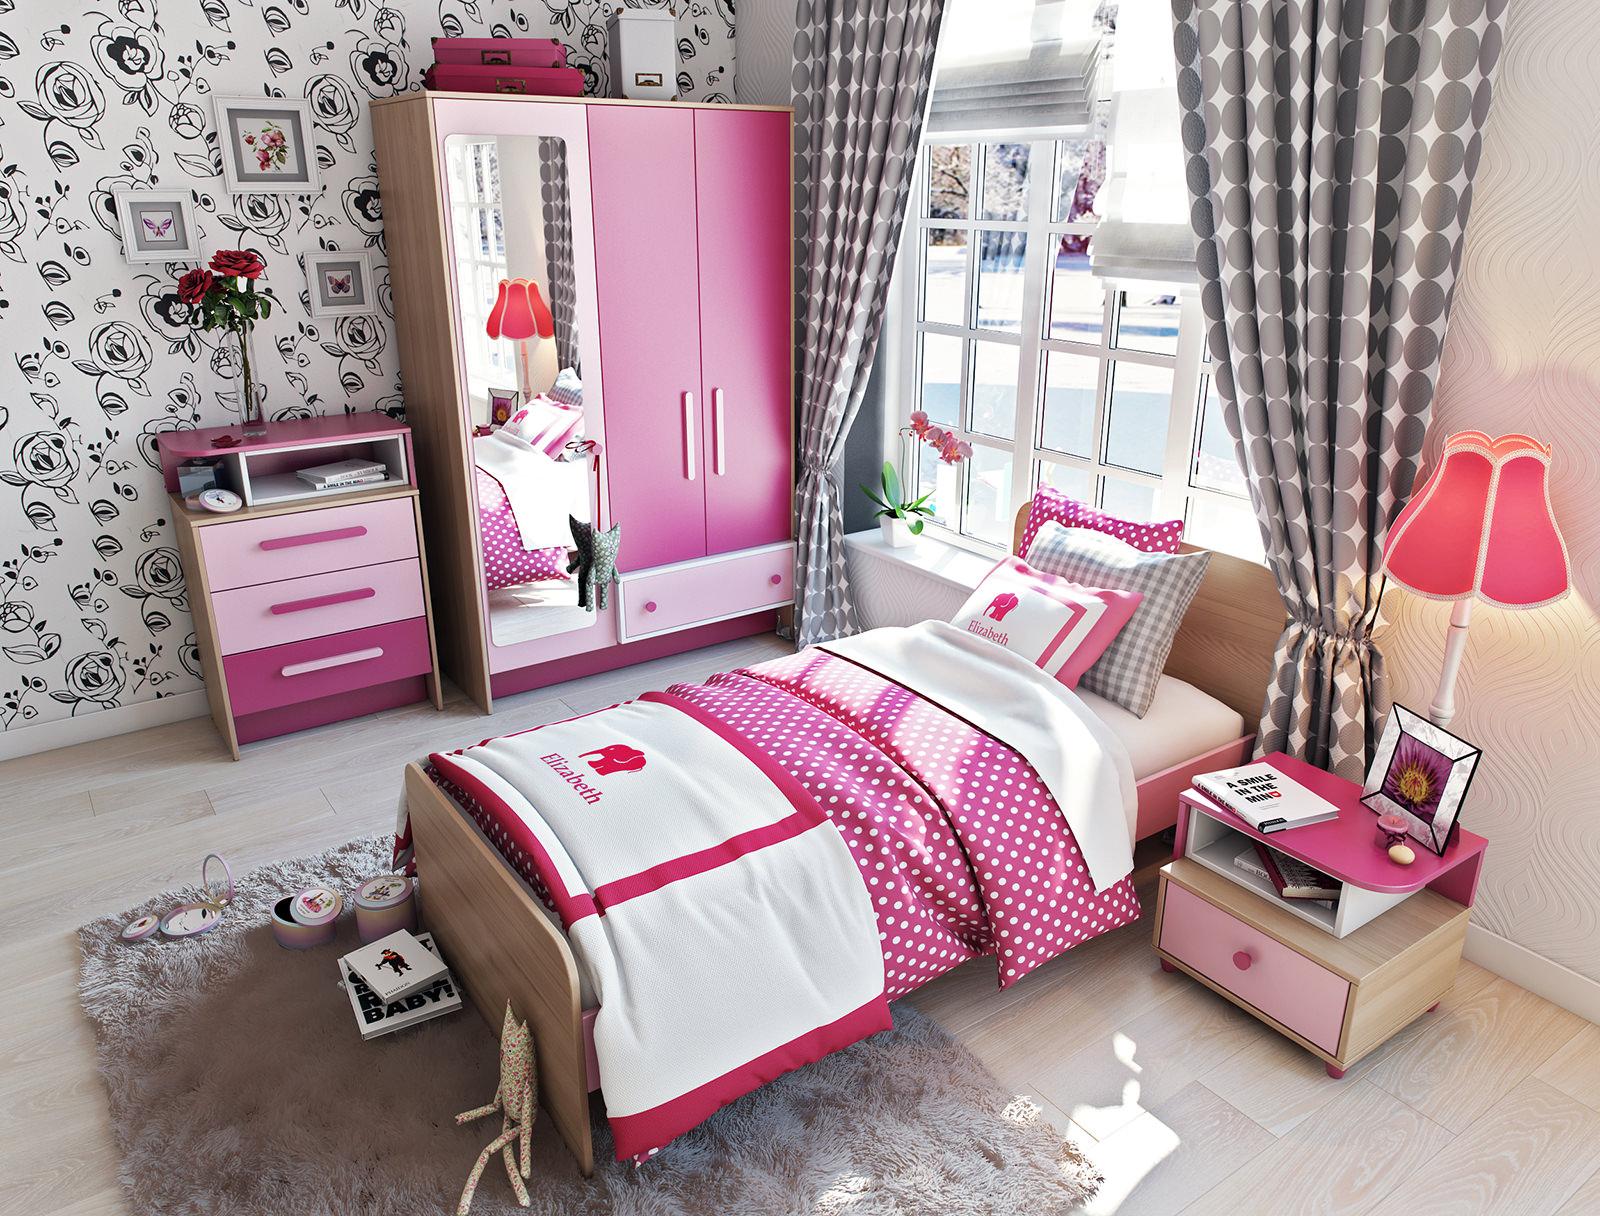 Розовая мебель в интерьере детской